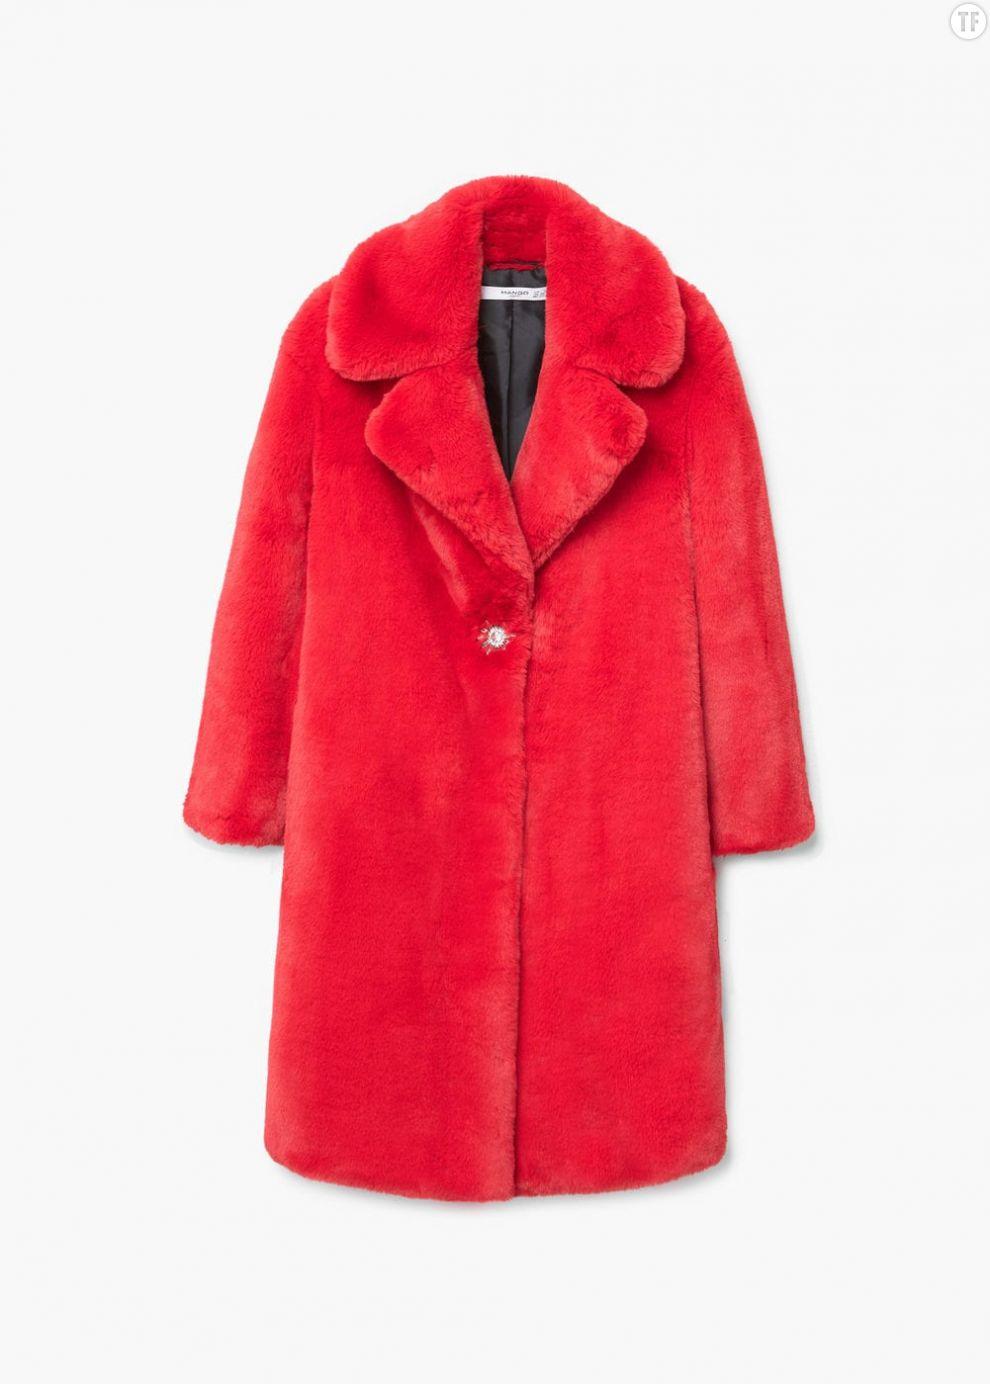 Manteau rouge en fourrure synthétique Mango, 119,99€